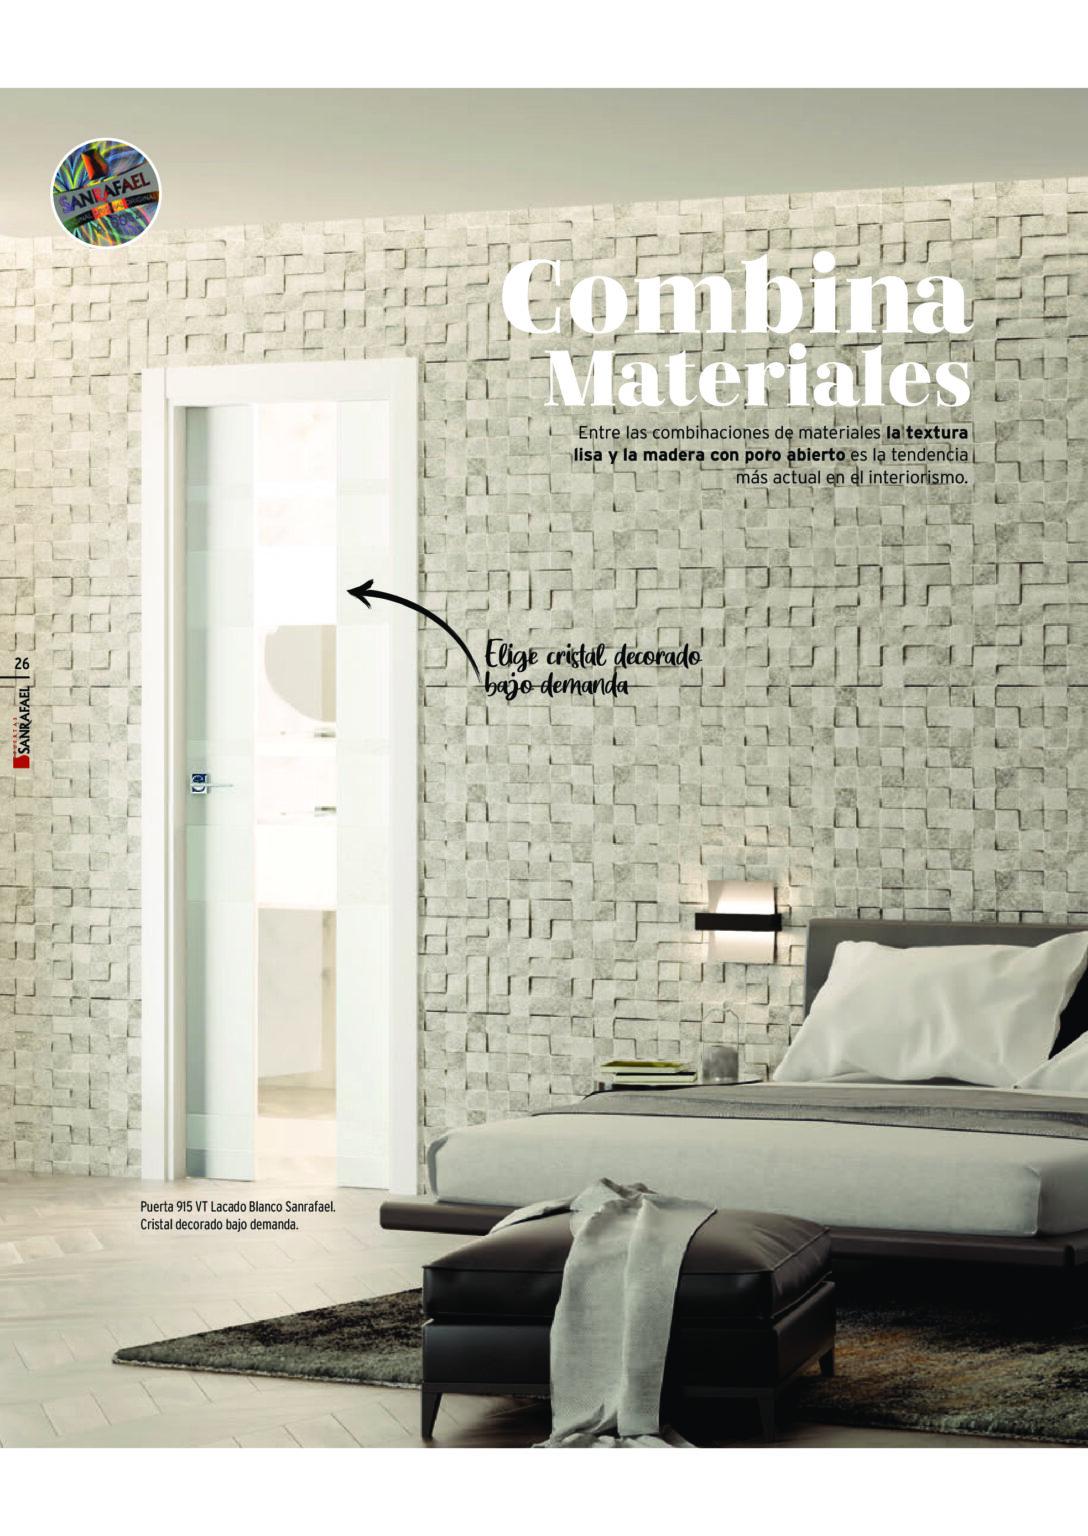 Puerta-915-VT-Lacado-Blanco-SanRafael-Cristal-Decorado-Bajo-demanda